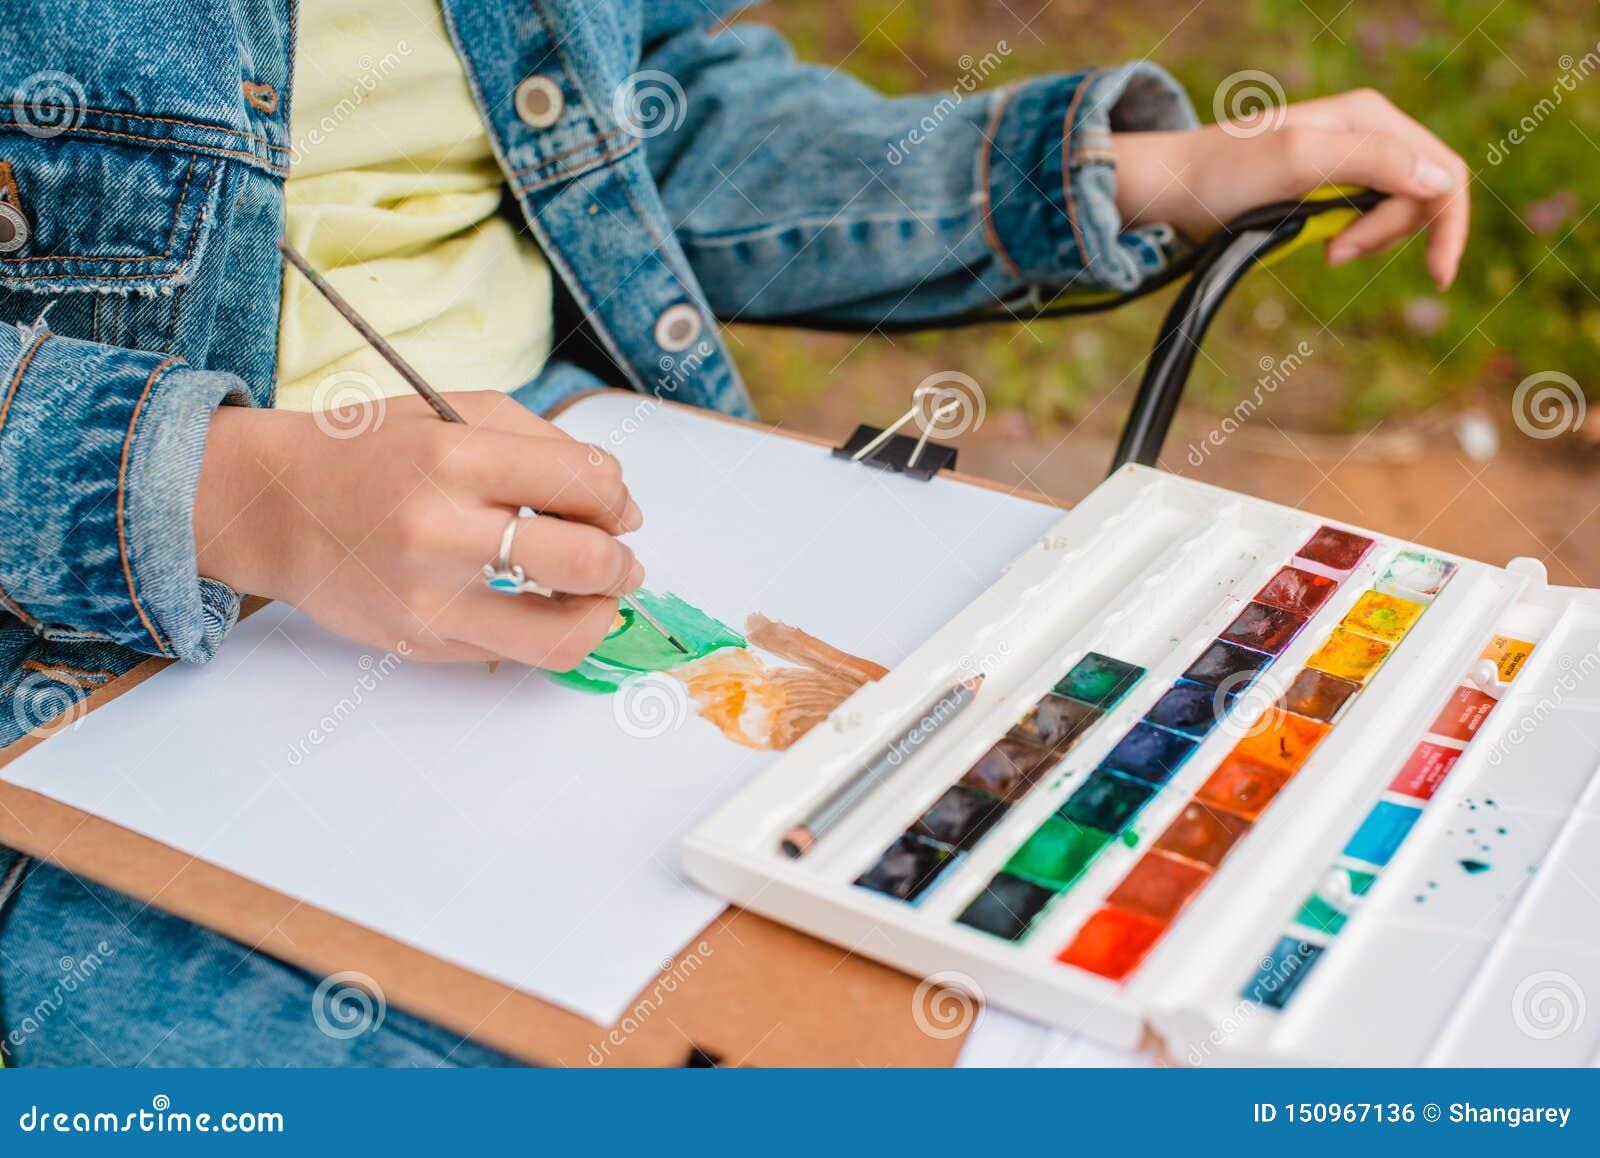 El artista creativo pinta una imagen colorida Primer de manos y del cepillo en curso de pintura al aire libre